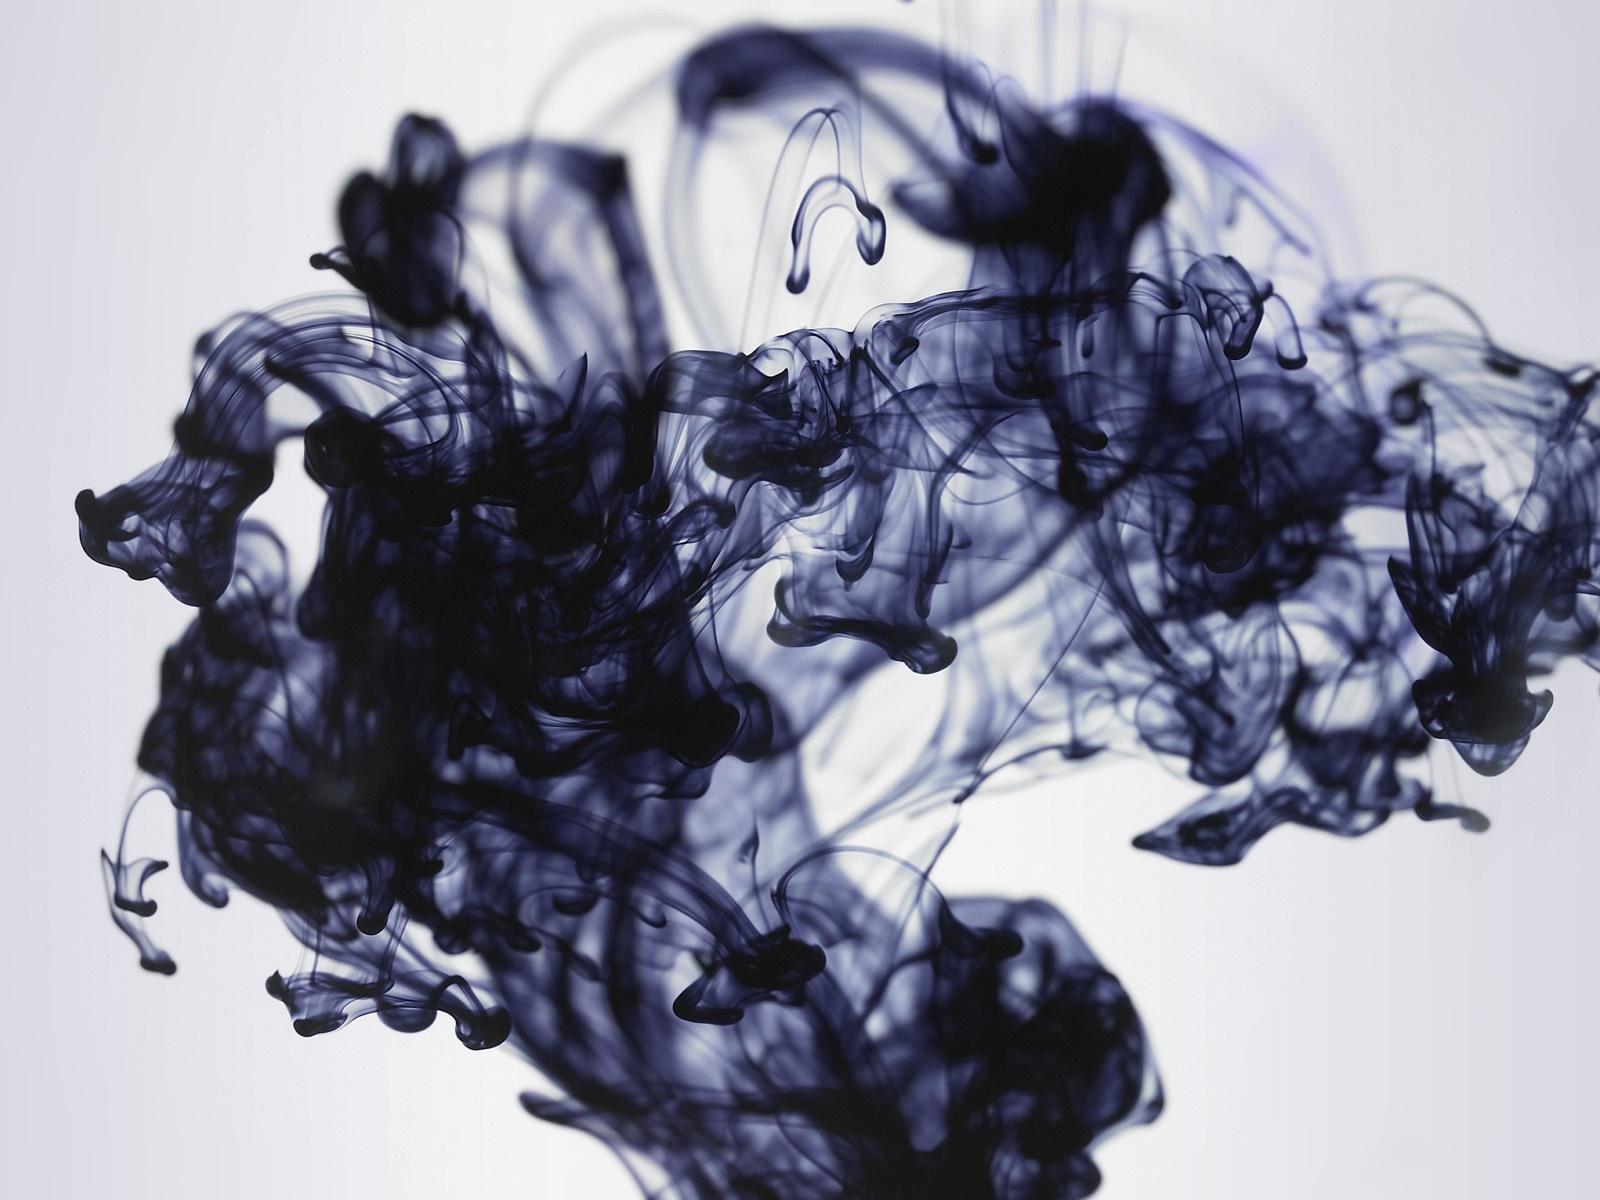 1600x1200 hd - Hd ink wallpaper ...